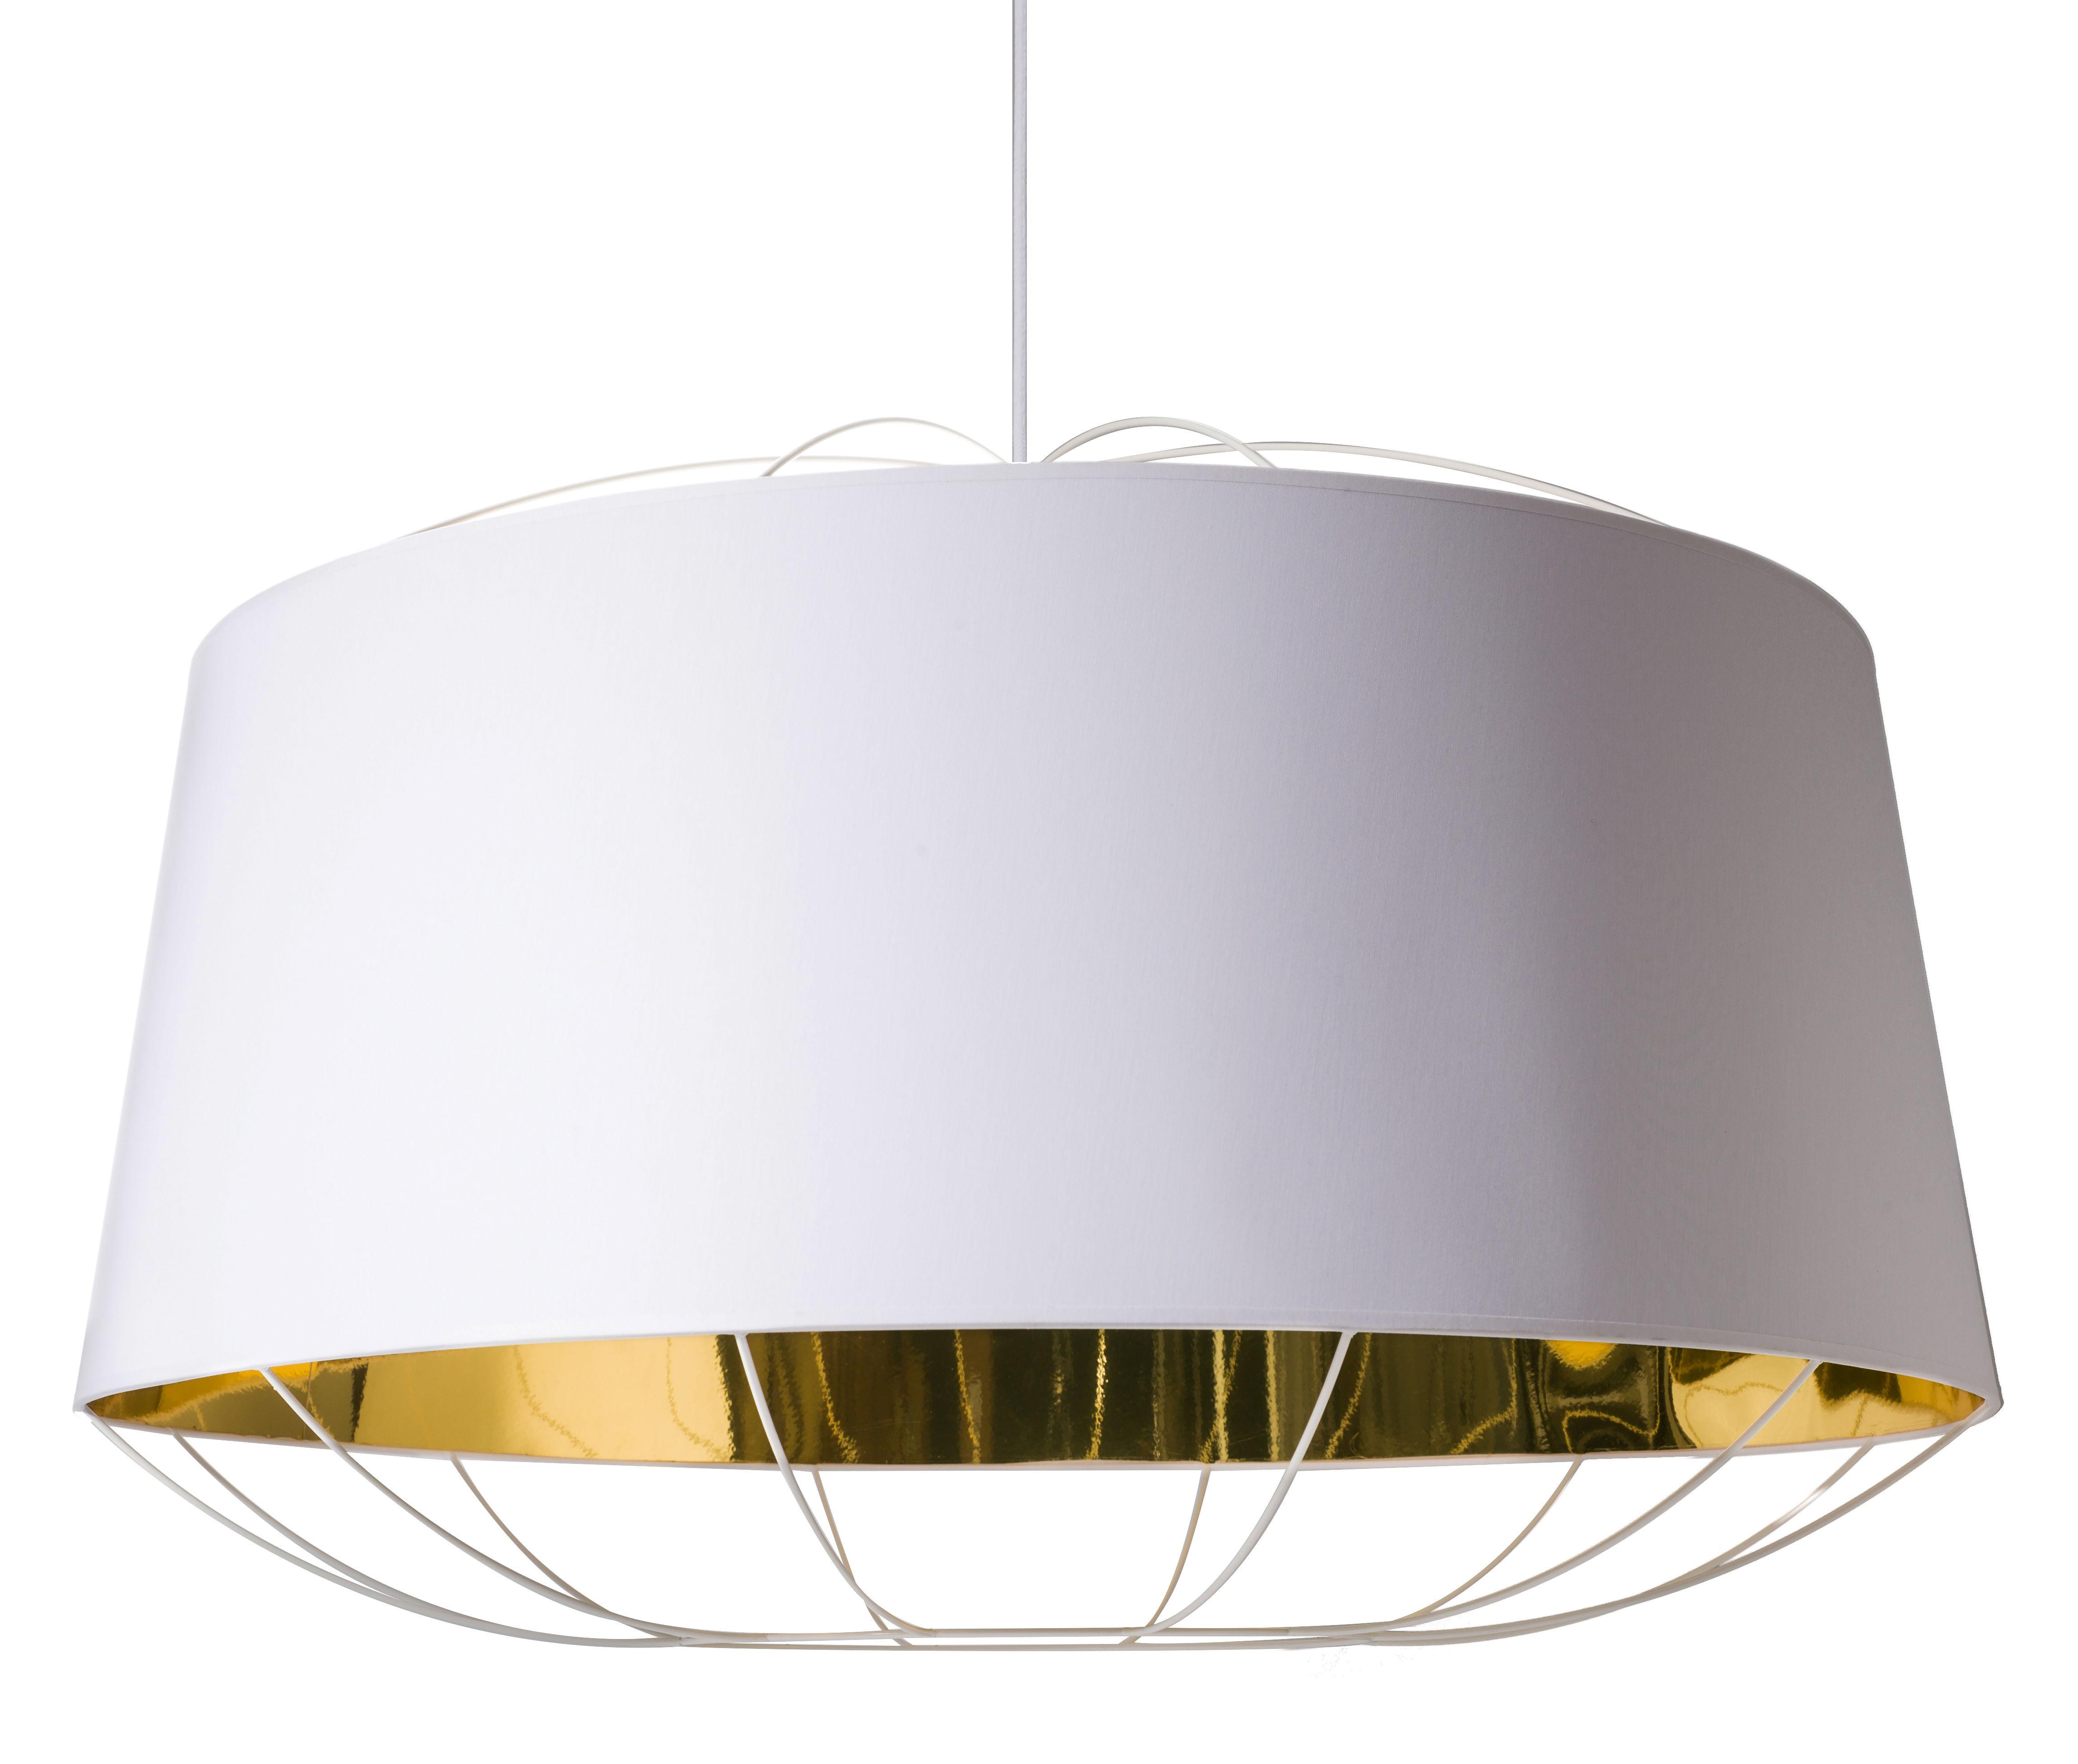 Leuchten - Pendelleuchten - Lanterna Large Pendelleuchte / Ø 75 cm x H 49 cm - Petite Friture - Weiß / goldfarben - Baumwolle, lackierter Stahl, PVC